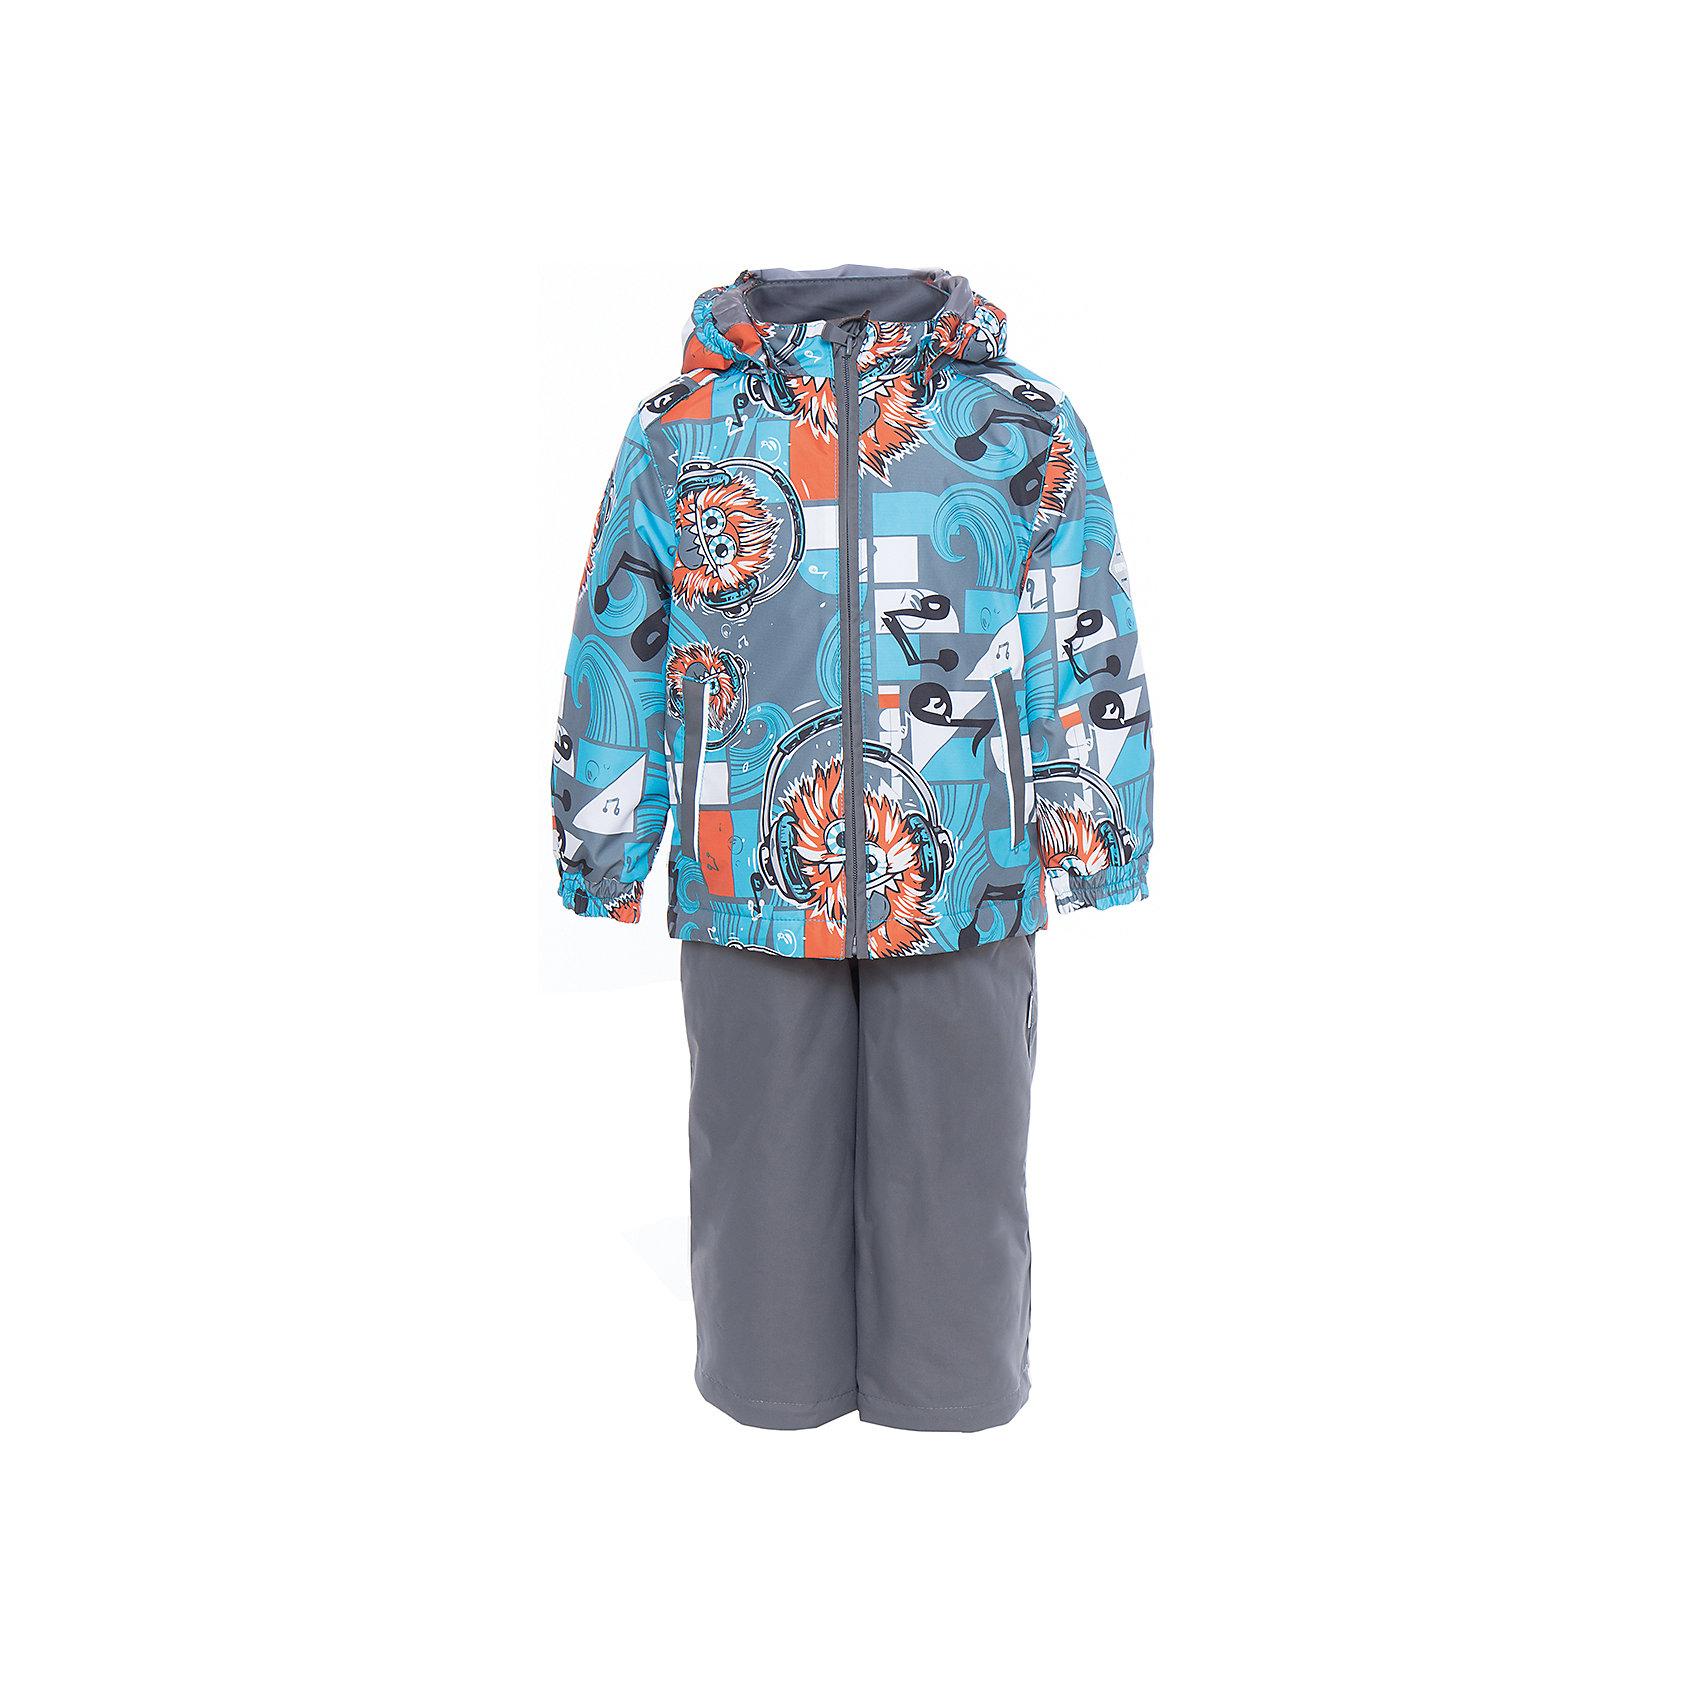 Комплект: куртка и полукомбинезон YOKO для мальчика HuppaВерхняя одежда<br>Характеристики товара:<br><br>• цвет: голубой принт/серый<br>• комплектация: куртка и полукомбинезон <br>• ткань: 100% полиэстер<br>• подкладка: тафта - 100% полиэстер<br>• утеплитель: в куртке и в брюках - 100% полиэстер 100 г<br>• температурный режим: от -5°С до +10°С<br>• водонепроницаемость: 10000 мм<br>• воздухопроницаемость: 10000 мм<br>• светоотражающие детали<br>• шов сидения проклеен<br>• эластичный шнур по низу куртки<br>• эластичный шнур с фиксатором внизу брючин<br>• съёмный капюшон с резинкой<br>• эластичные манжеты рукавов<br>• регулируемые низы брючин<br>• без внутренних швов<br>• резиновые подтяжки<br>• коллекция: весна-лето 2017<br>• страна бренда: Эстония<br><br>Такой модный демисезонный комплект  обеспечит детям тепло и комфорт. Он сделан из материала, отталкивающего воду, и дополнен подкладкой с утеплителем, поэтому изделие идеально подходит для межсезонья. Материал изделий - с мембранной технологией: защищая от влаги и ветра, он легко выводит лишнюю влагу наружу. Комплект очень симпатично смотрится. <br><br>Одежда и обувь от популярного эстонского бренда Huppa - отличный вариант одеть ребенка можно и комфортно. Вещи, выпускаемые компанией, качественные, продуманные и очень удобные. Для производства изделий используются только безопасные для детей материалы. Продукция от Huppa порадует и детей, и их родителей!<br><br>Комплект: куртка и полукомбинезон YOKO от бренда Huppa (Хуппа) можно купить в нашем интернет-магазине.<br><br>Ширина мм: 356<br>Глубина мм: 10<br>Высота мм: 245<br>Вес г: 519<br>Цвет: голубой<br>Возраст от месяцев: 72<br>Возраст до месяцев: 84<br>Пол: Мужской<br>Возраст: Детский<br>Размер: 122,92,98,104,110,116<br>SKU: 5346774